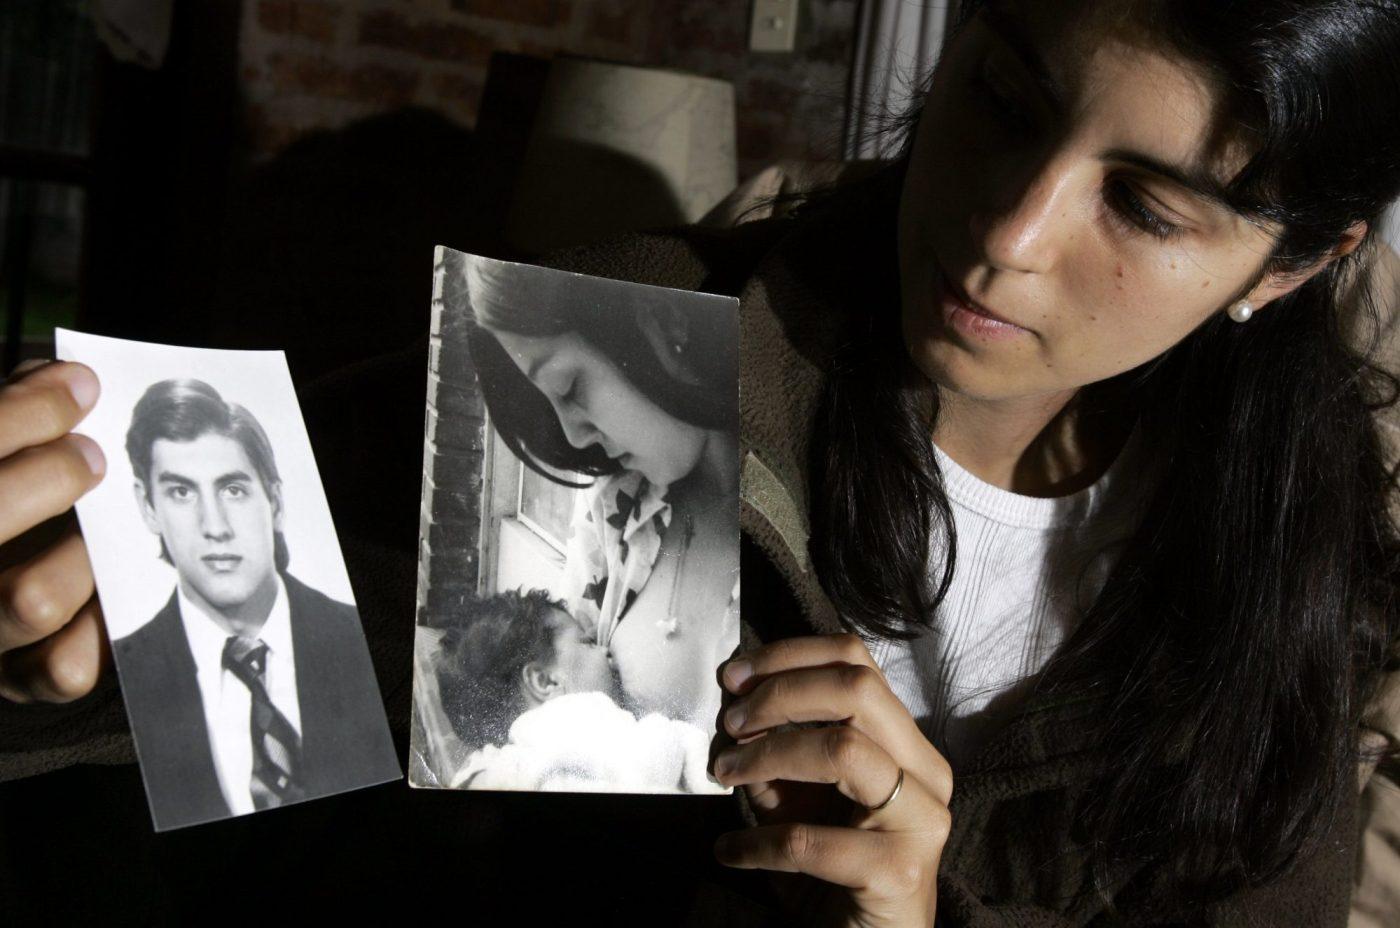 Clara Petrakos, muestra fotos de sus padres desaparecidos durante la Dictadura después de que su madre diera a luz en un centro de detención clandestino.